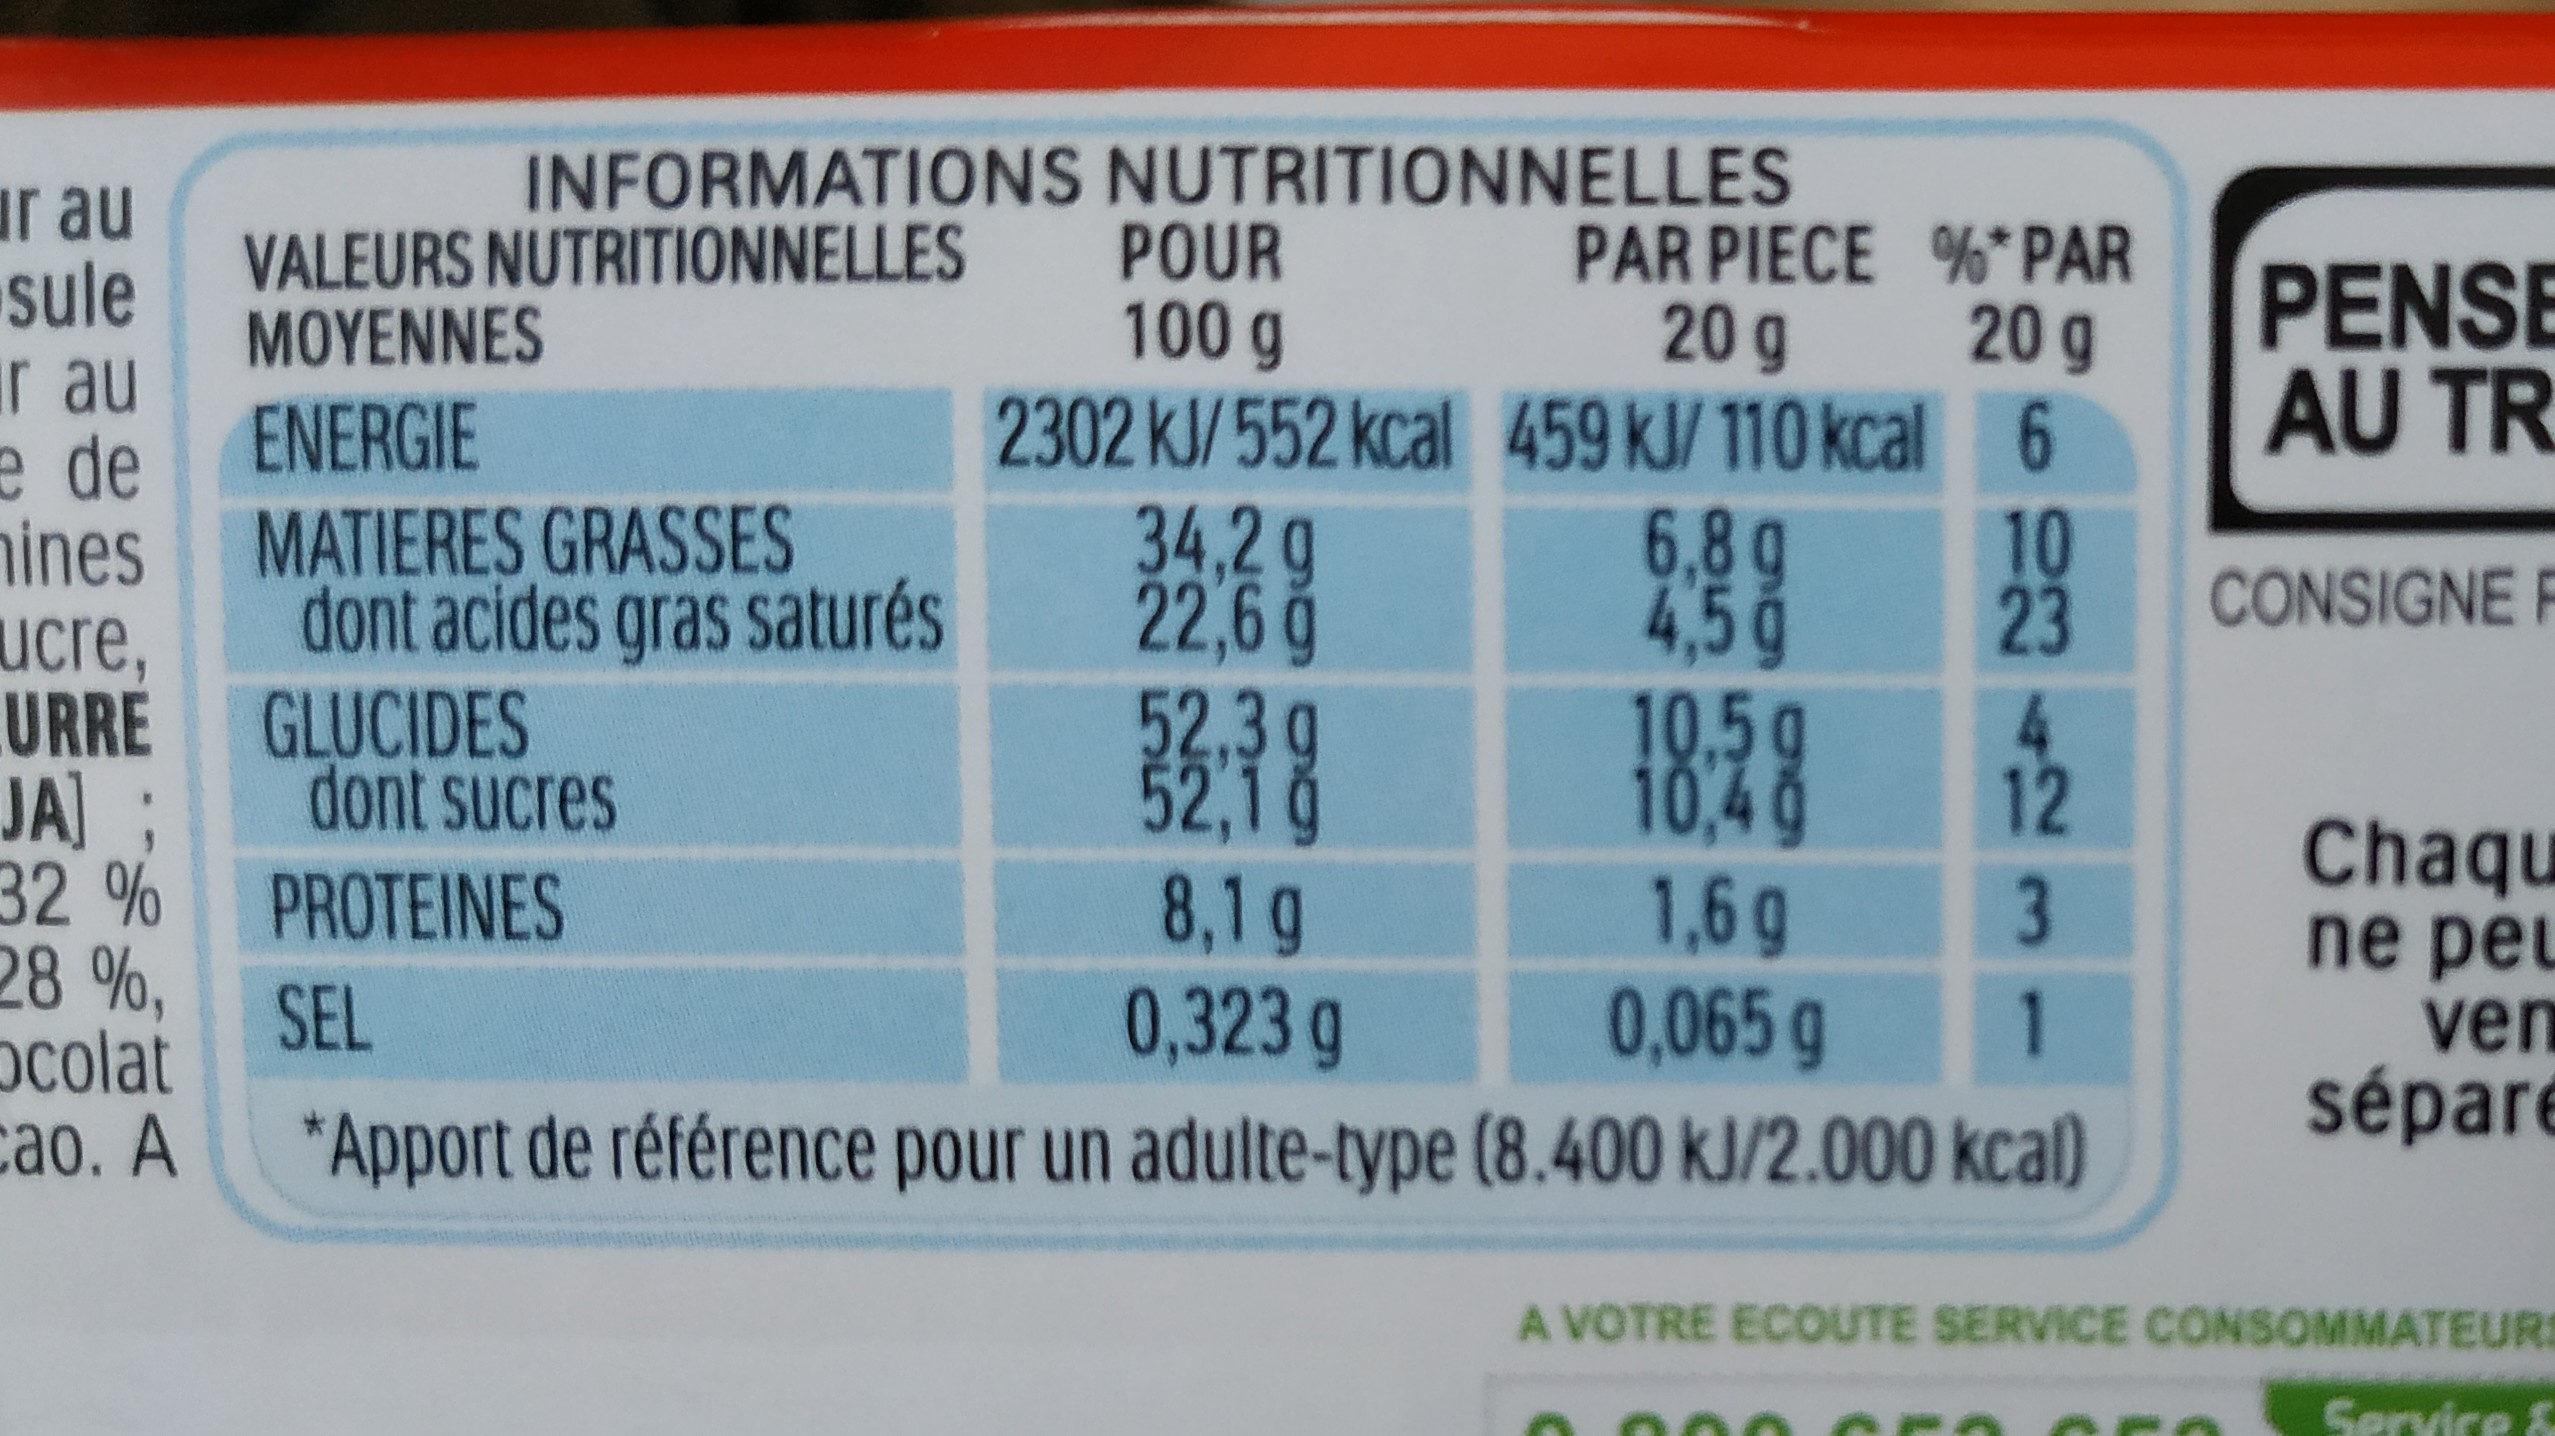 kinder surprise - Informations nutritionnelles - fr